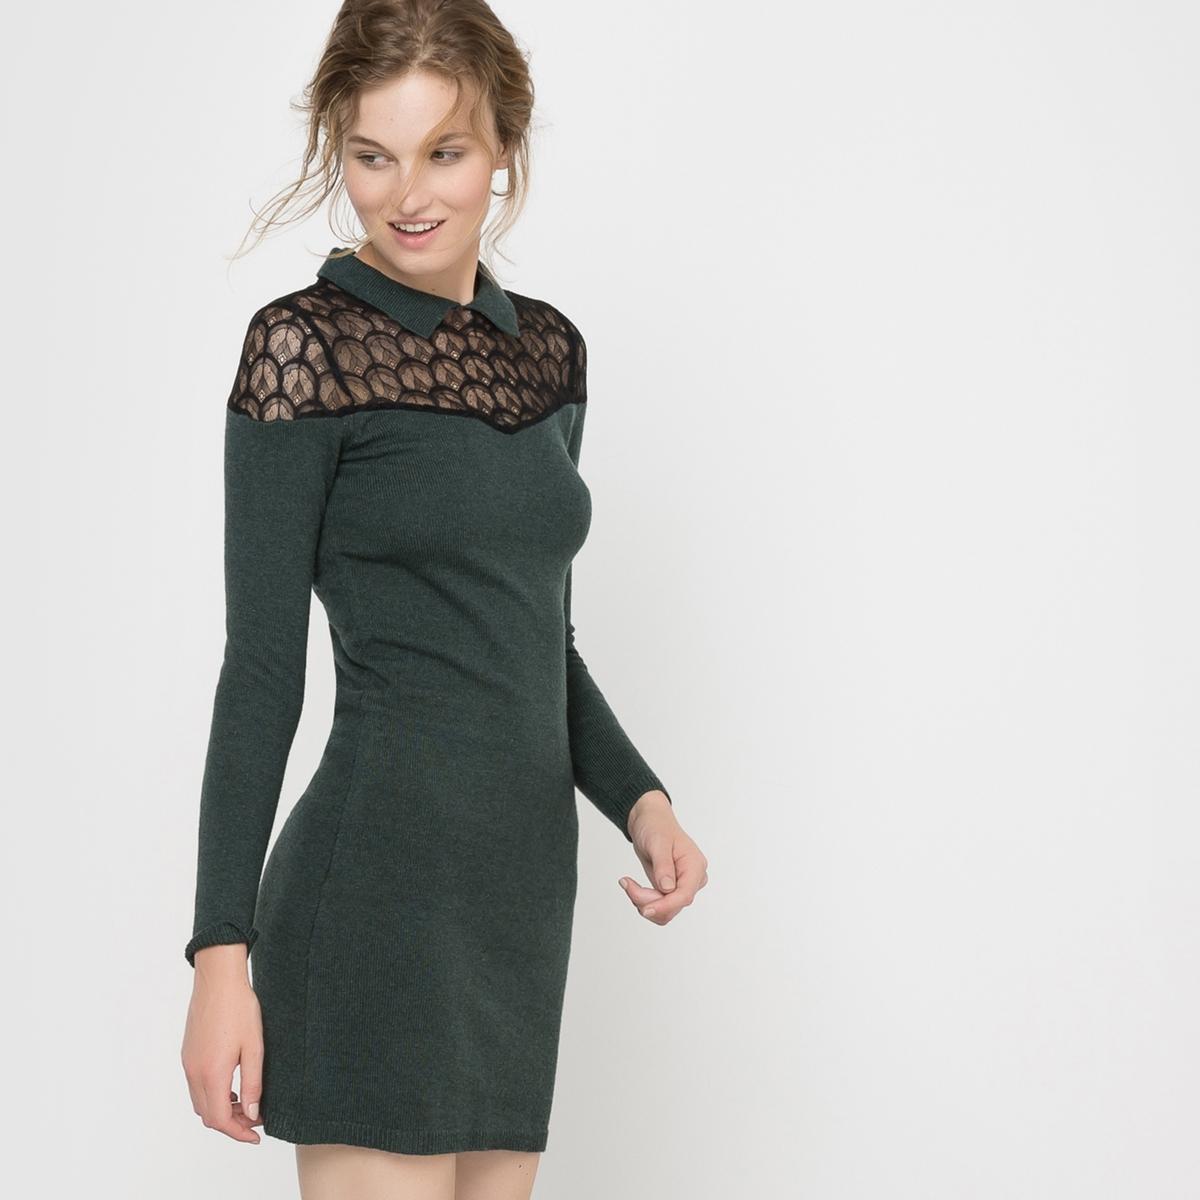 Платье из вязаного трикотажа и кружеваПлатье с длинными рукавами Mademoiselle R. Платье из вязаного трикотажа. Прямой покрой. Вставка из кружева на воротнике. Воротник-поло. Застежка на молнию сзади.Состав и описаниеМарка : Mademoiselle R.Материал : 50% полиамида, 45% вискозы, 5% альпаки Длина : 90 смУходМашинная стирка при 30 °C   Стирать с вещами схожих цветовСтирать и гладить при очень низкой температуре с изнаночной стороныГладить кружево запрещается<br><br>Цвет: синий морской,темно-зеленый,черный<br>Размер: 42/44 (FR) - 48/50 (RUS).46/48 (FR) - 52/54 (RUS).46/48 (FR) - 52/54 (RUS).42/44 (FR) - 48/50 (RUS).42/44 (FR) - 48/50 (RUS).46/48 (FR) - 52/54 (RUS)